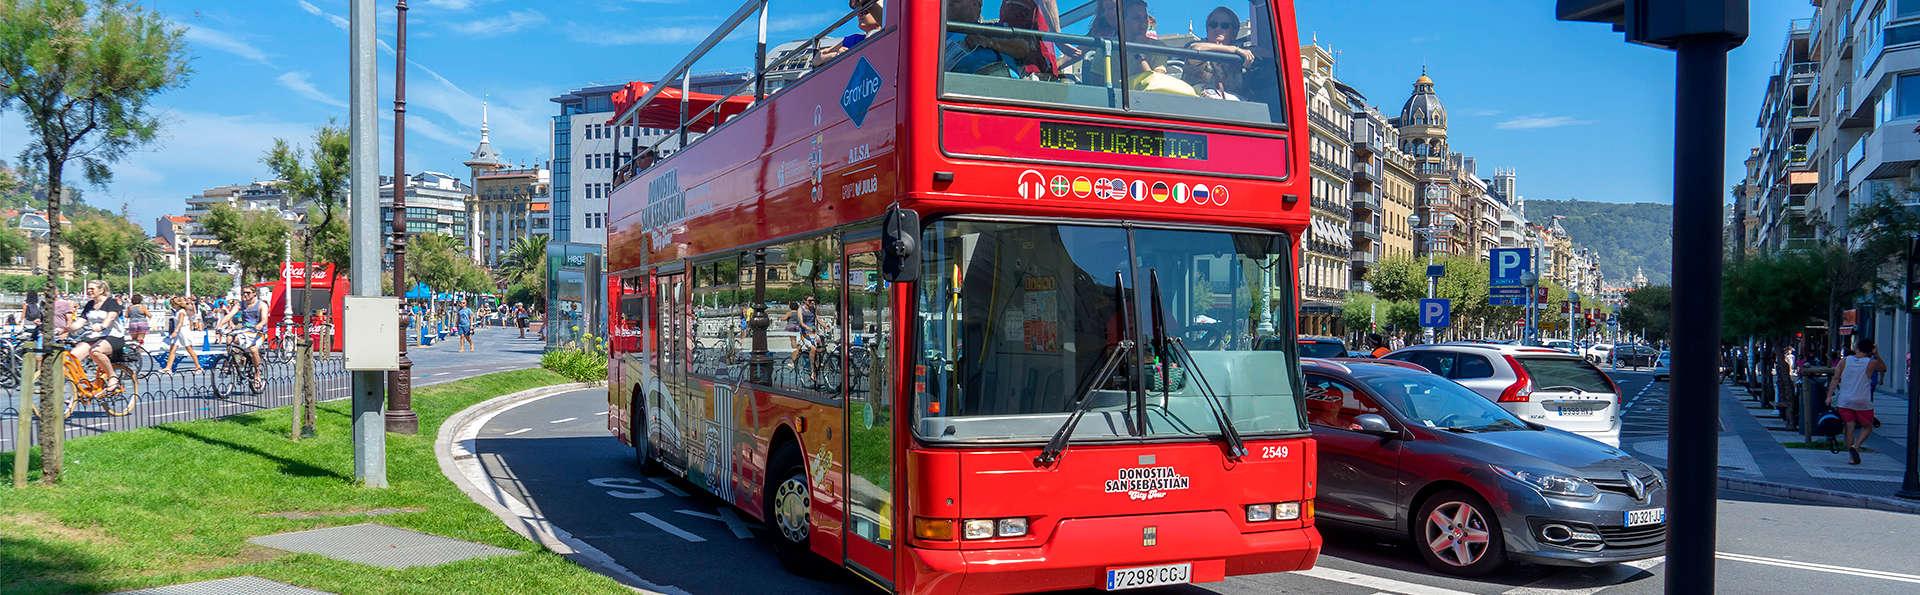 Escapade à Irún avec une visite de Saint-Sébastien en bus touristique